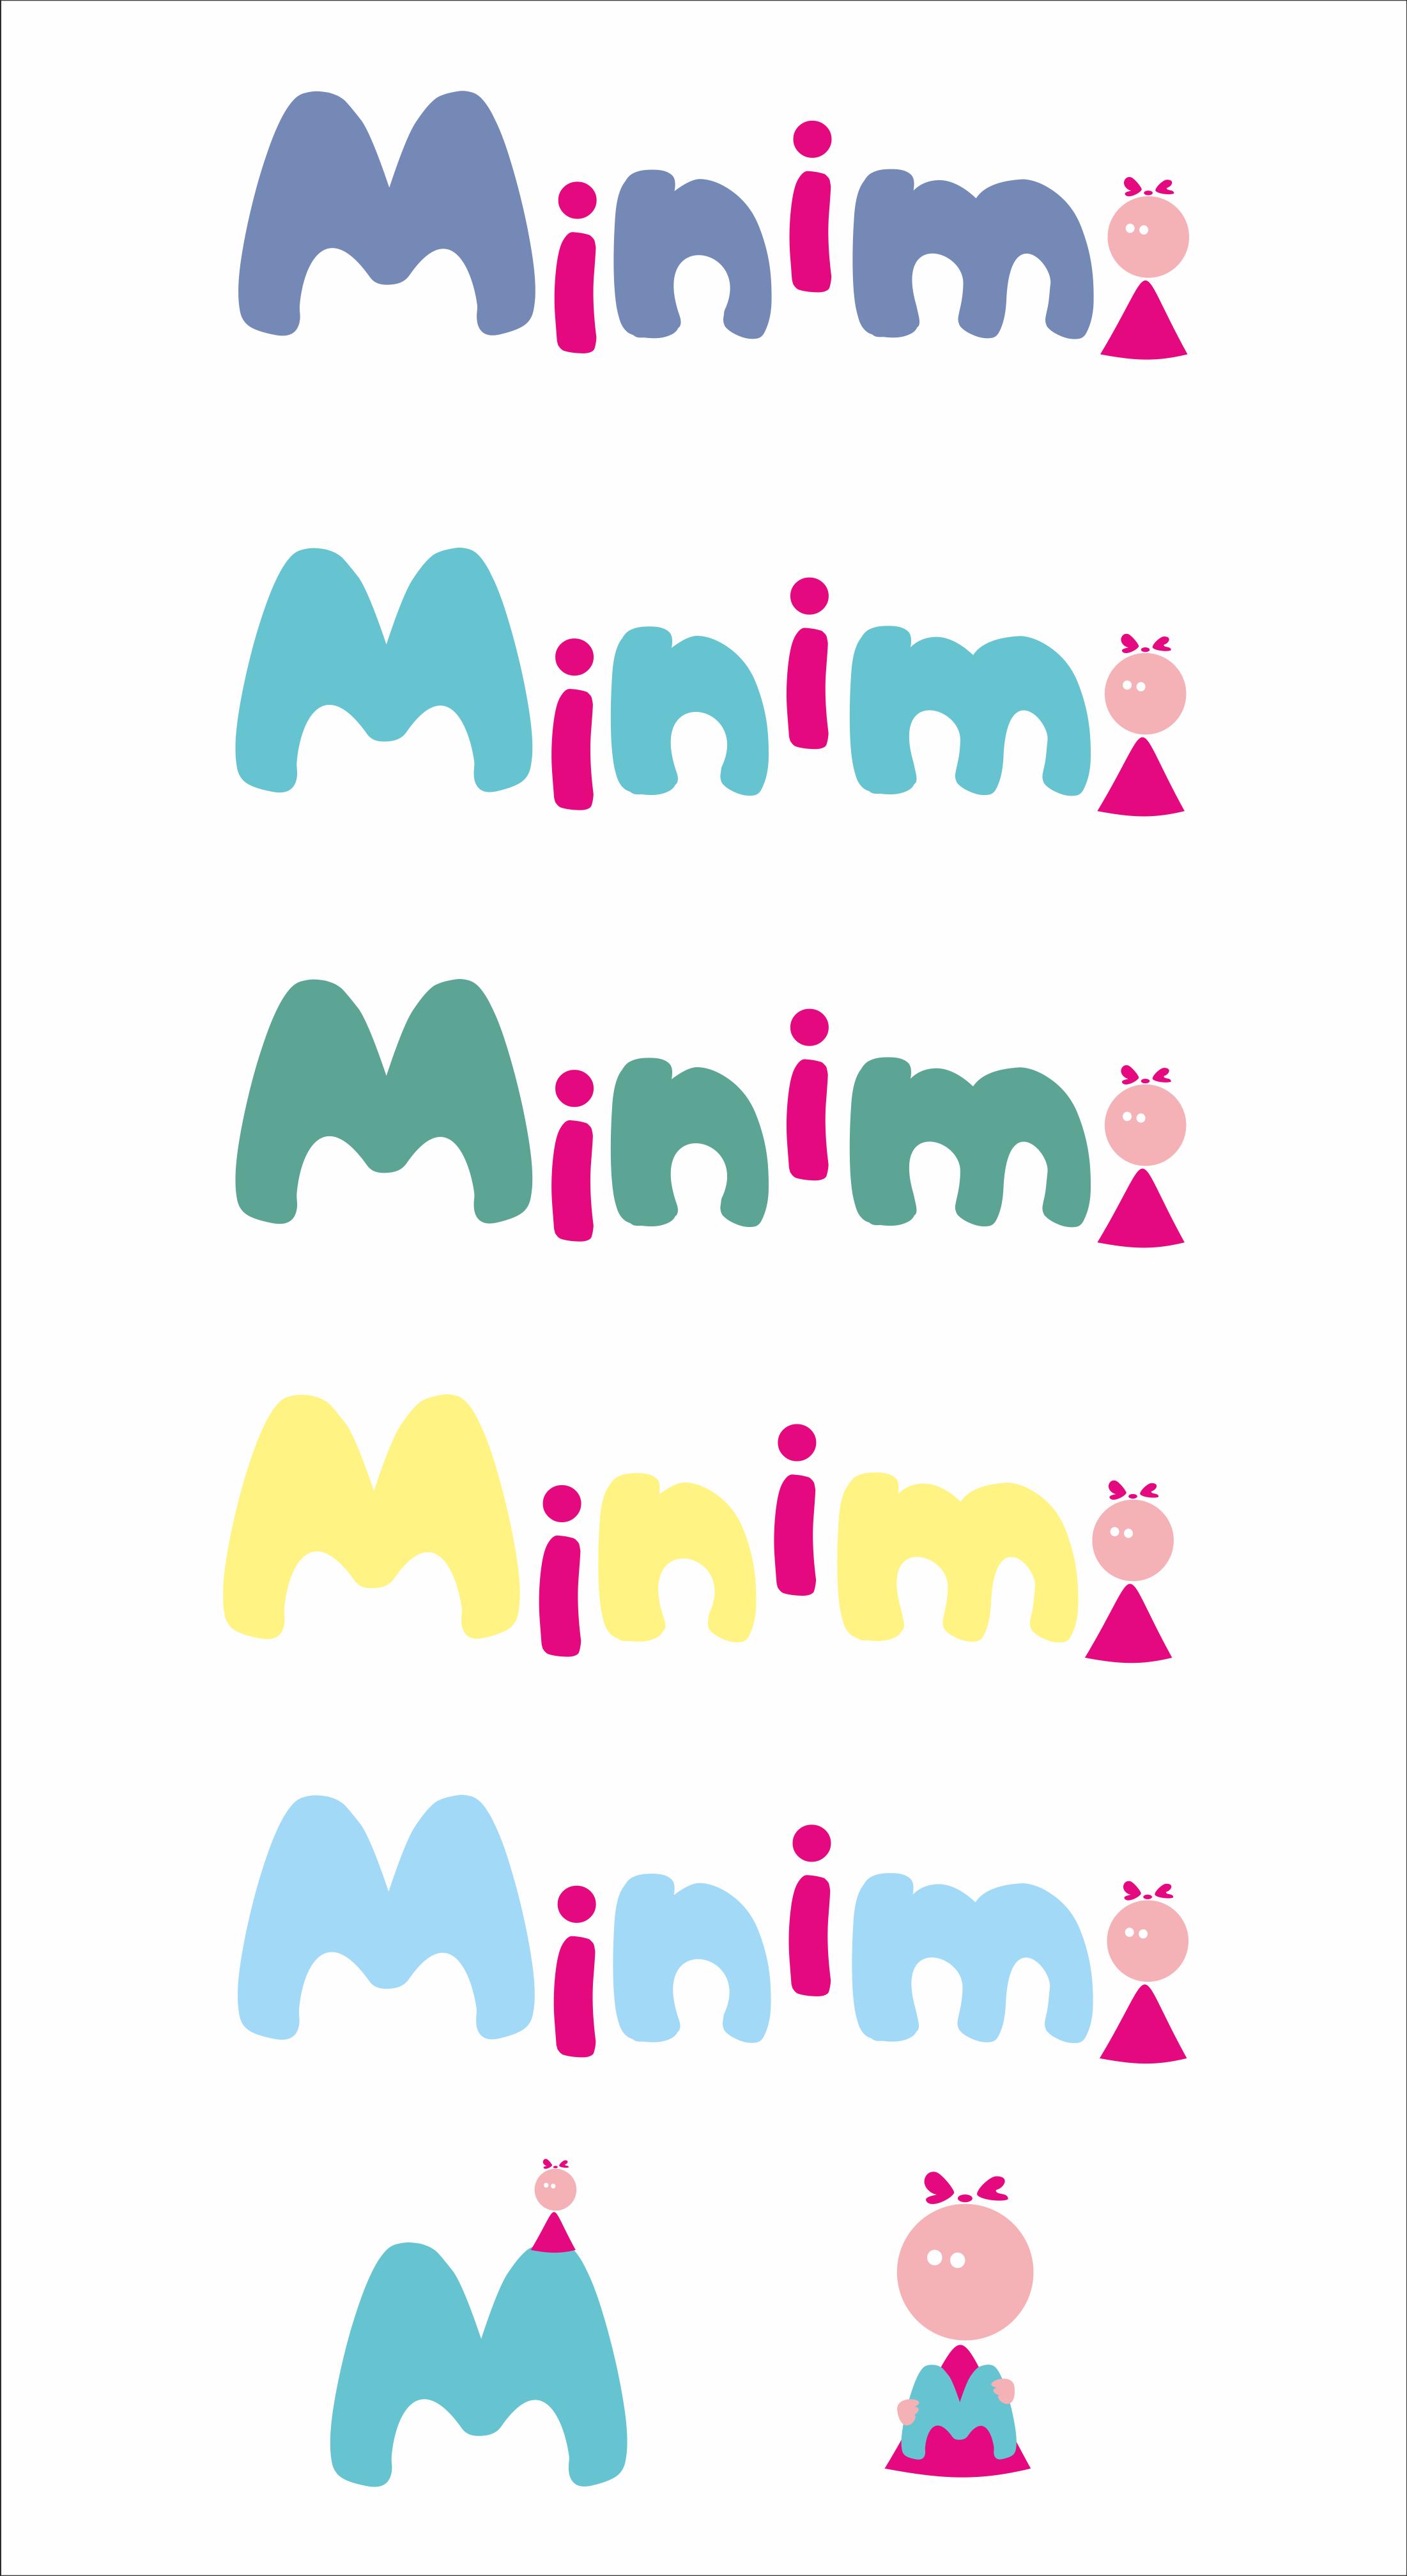 Цель: Разработать логотип детской дизайнерской одежды Мinimi фото f_0635b24bbc5c527a.png